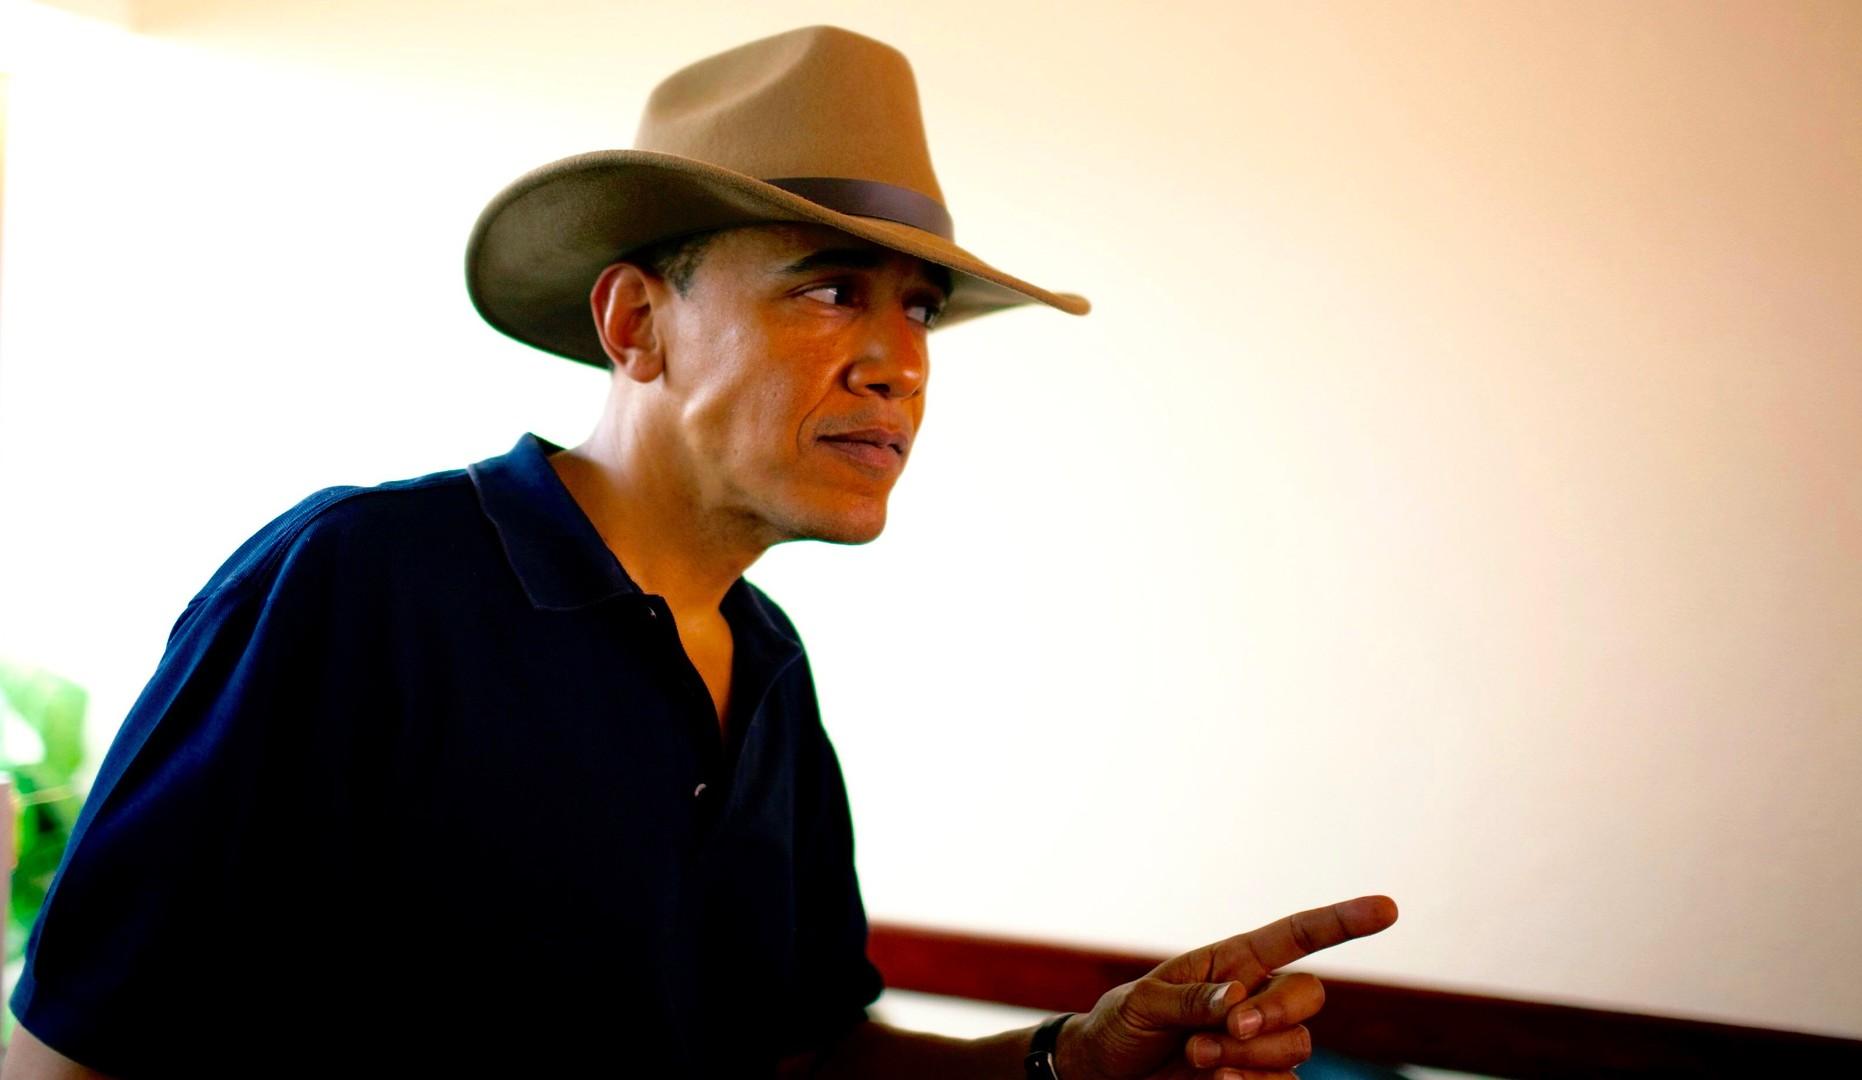 Obamas Außenpolitik: Kein Balancing im Nahen und Mittleren Osten?